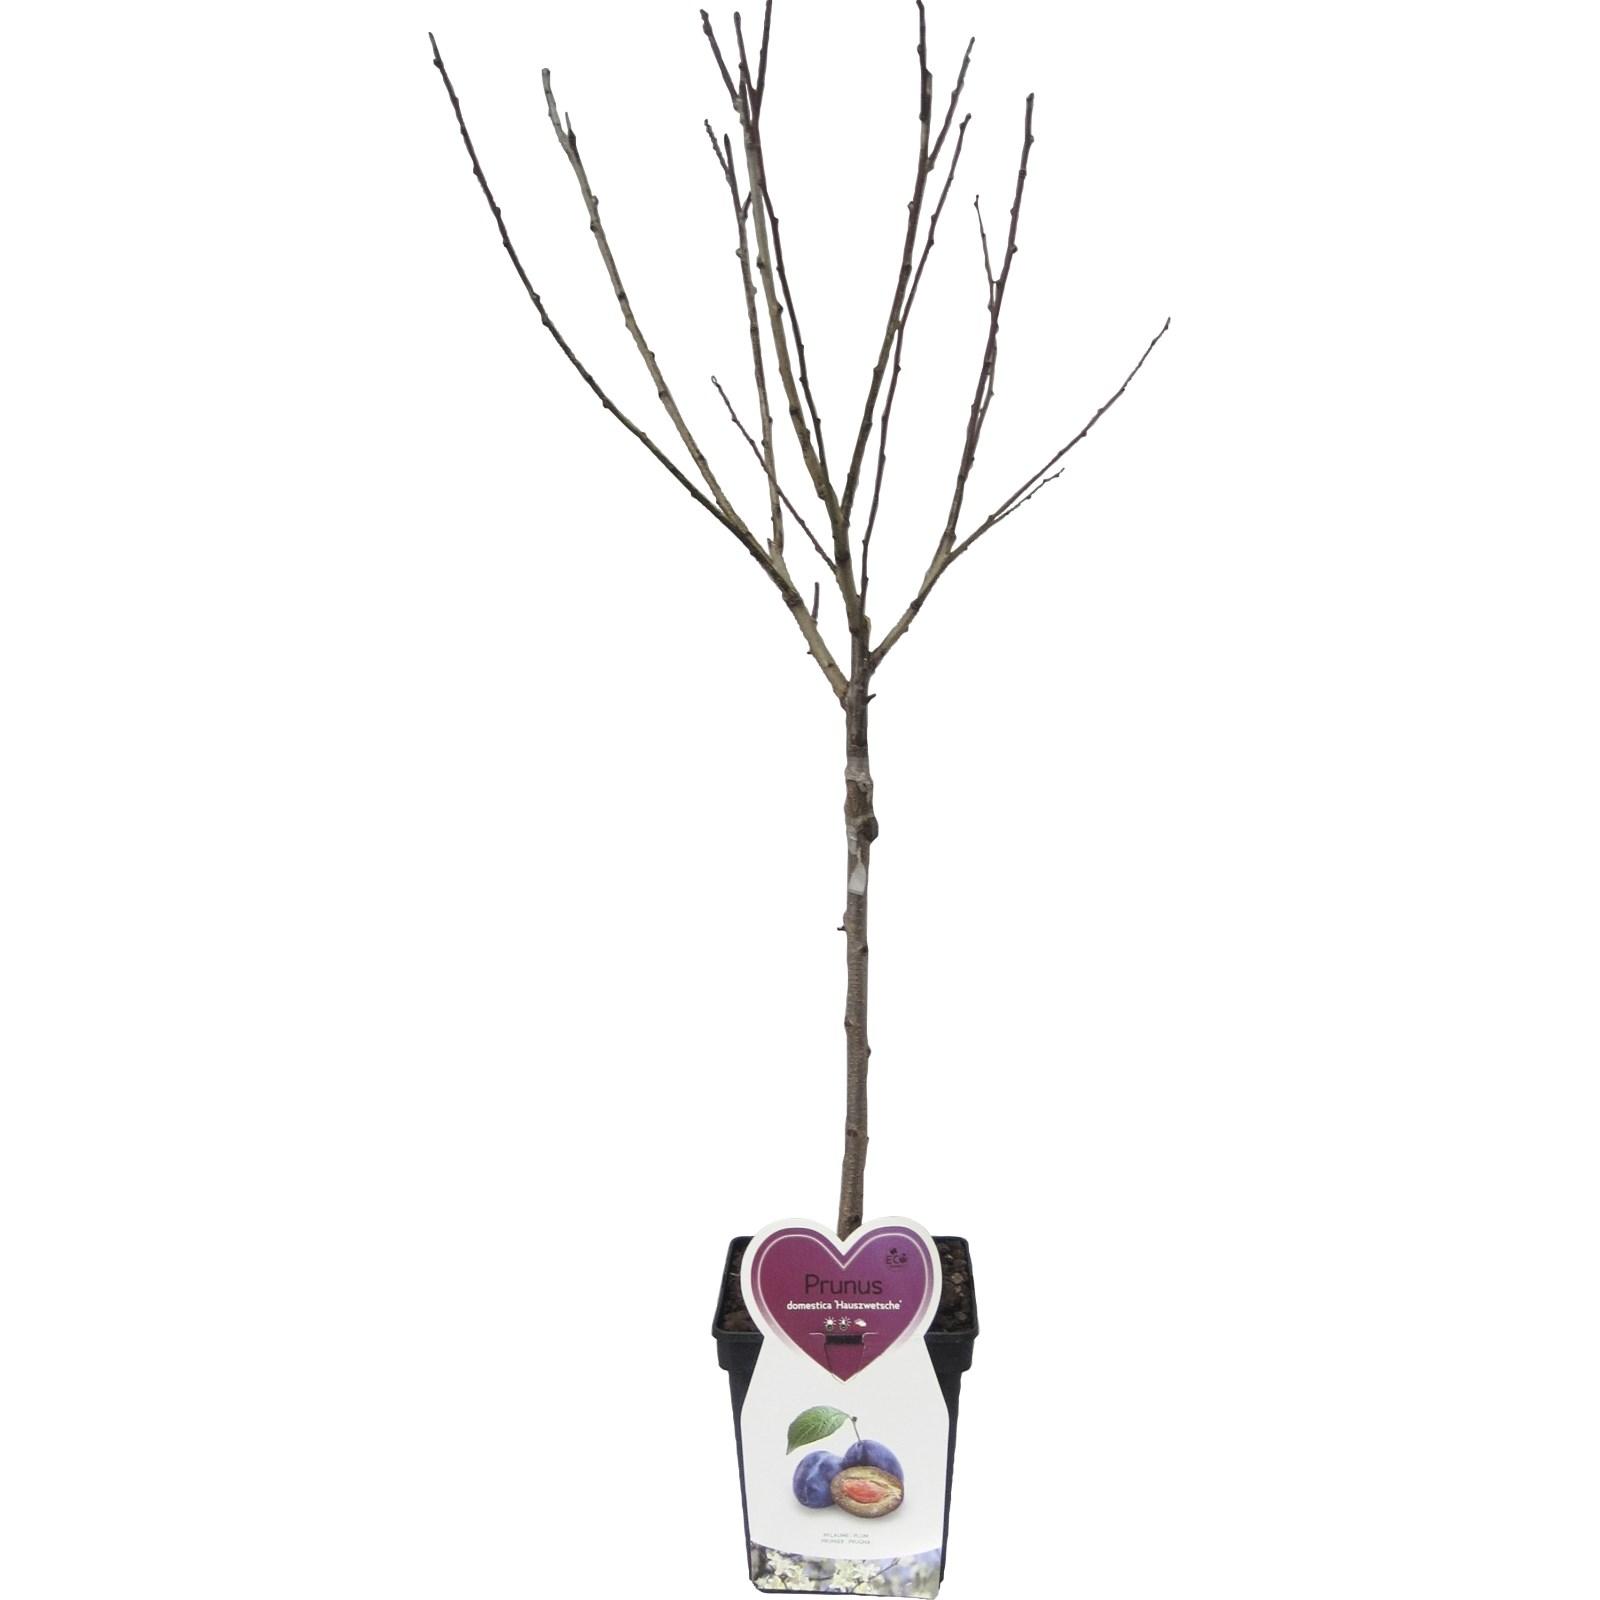 Arbre Fruitier D Intérieur arbres fruitiers p5 l mix - fruits et baies - landi